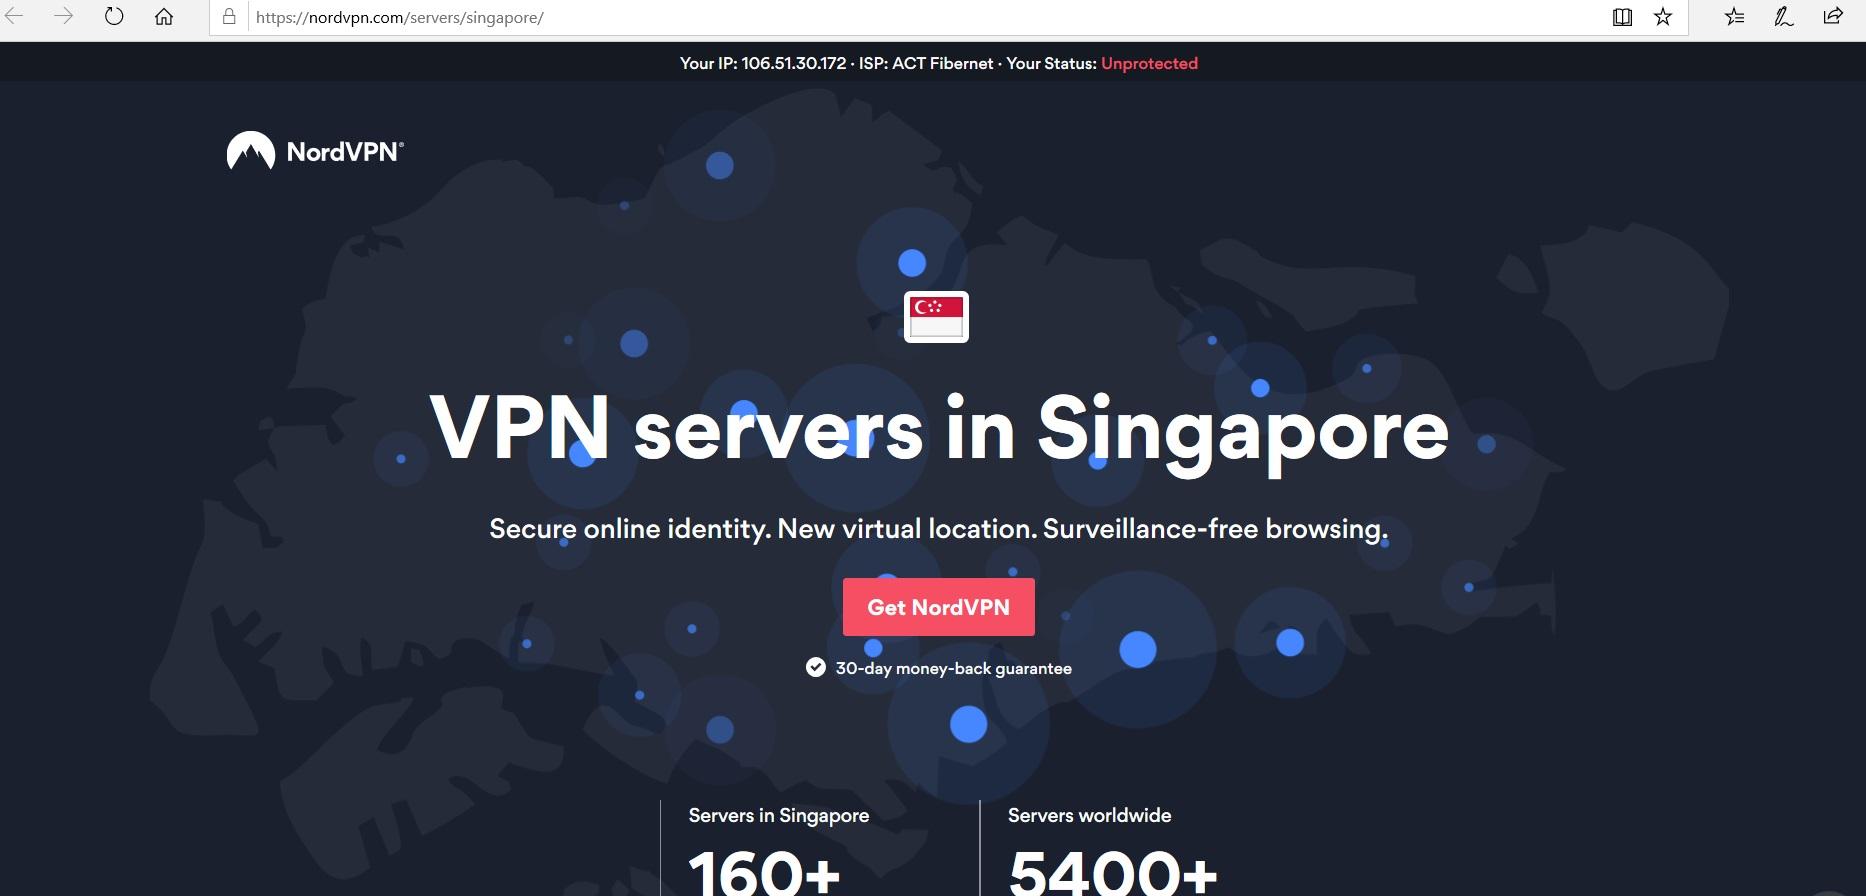 NordVPN website homepage.